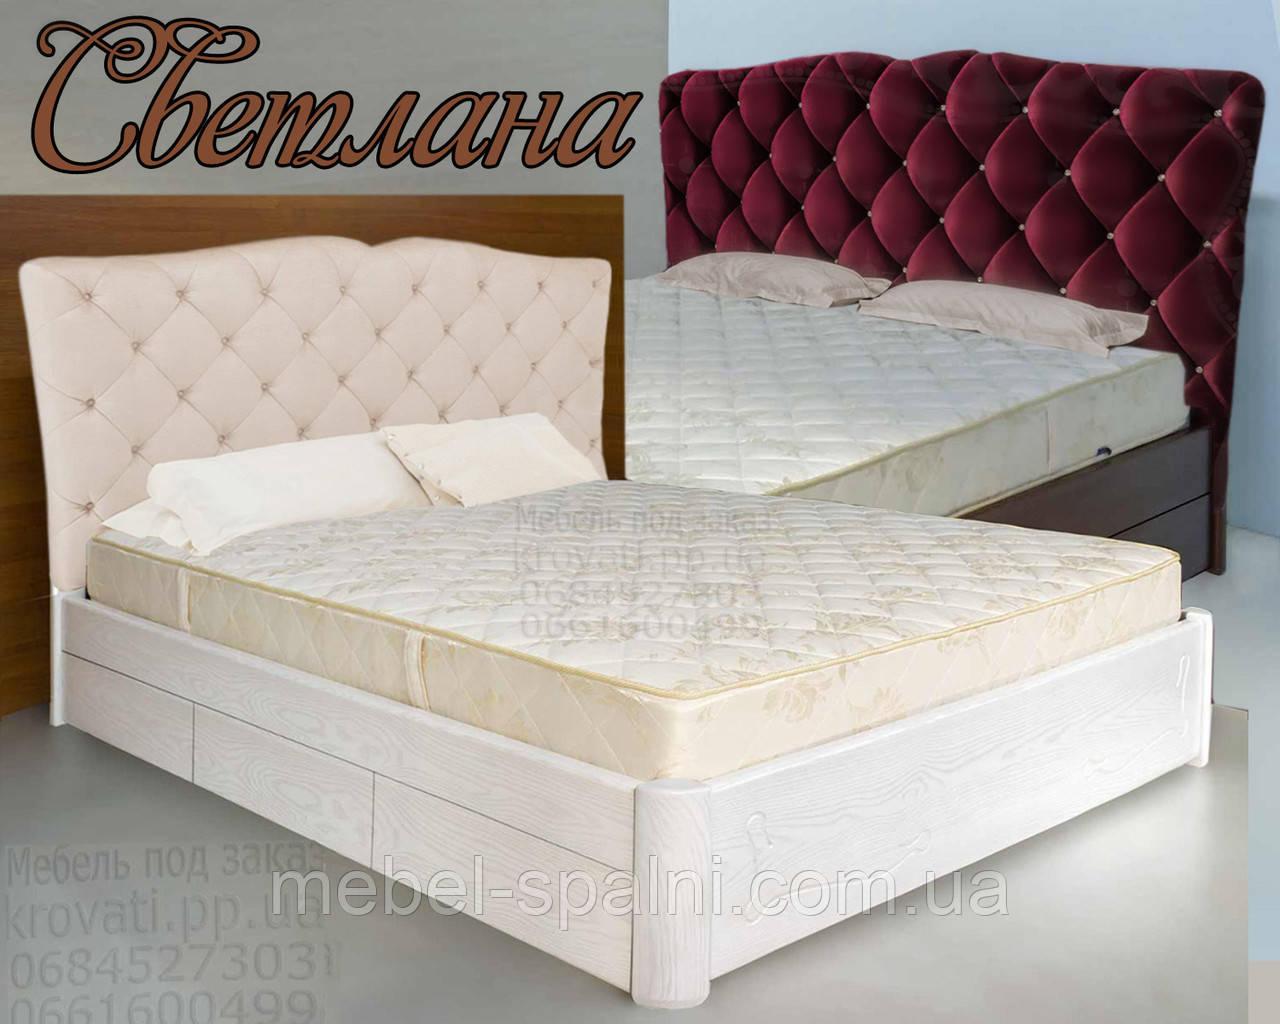 Кровать деревянная «Светлана», фото 1